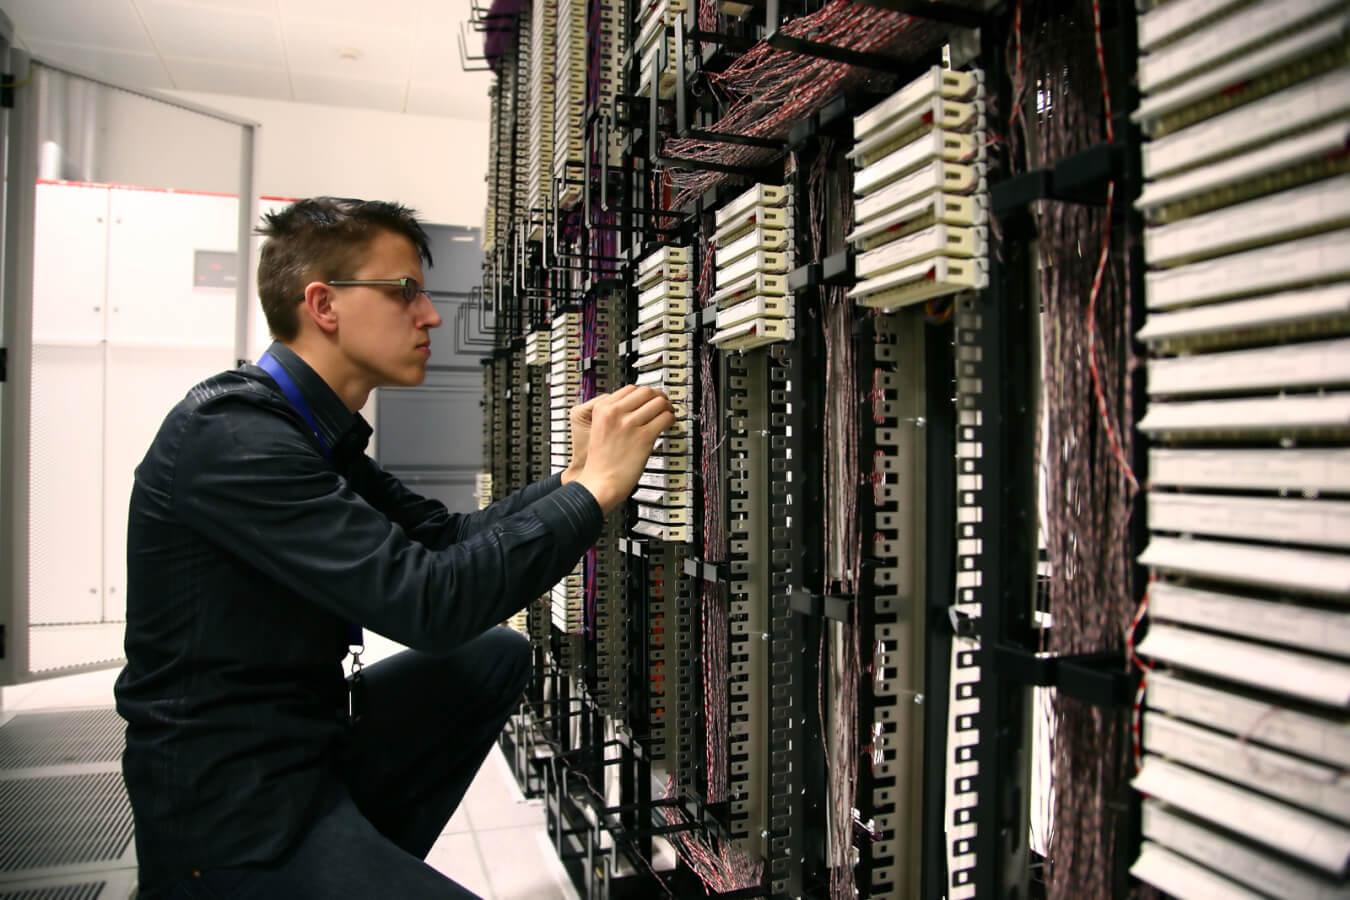 L'IaaS est un service, pas une finalité, estime POST Telecom